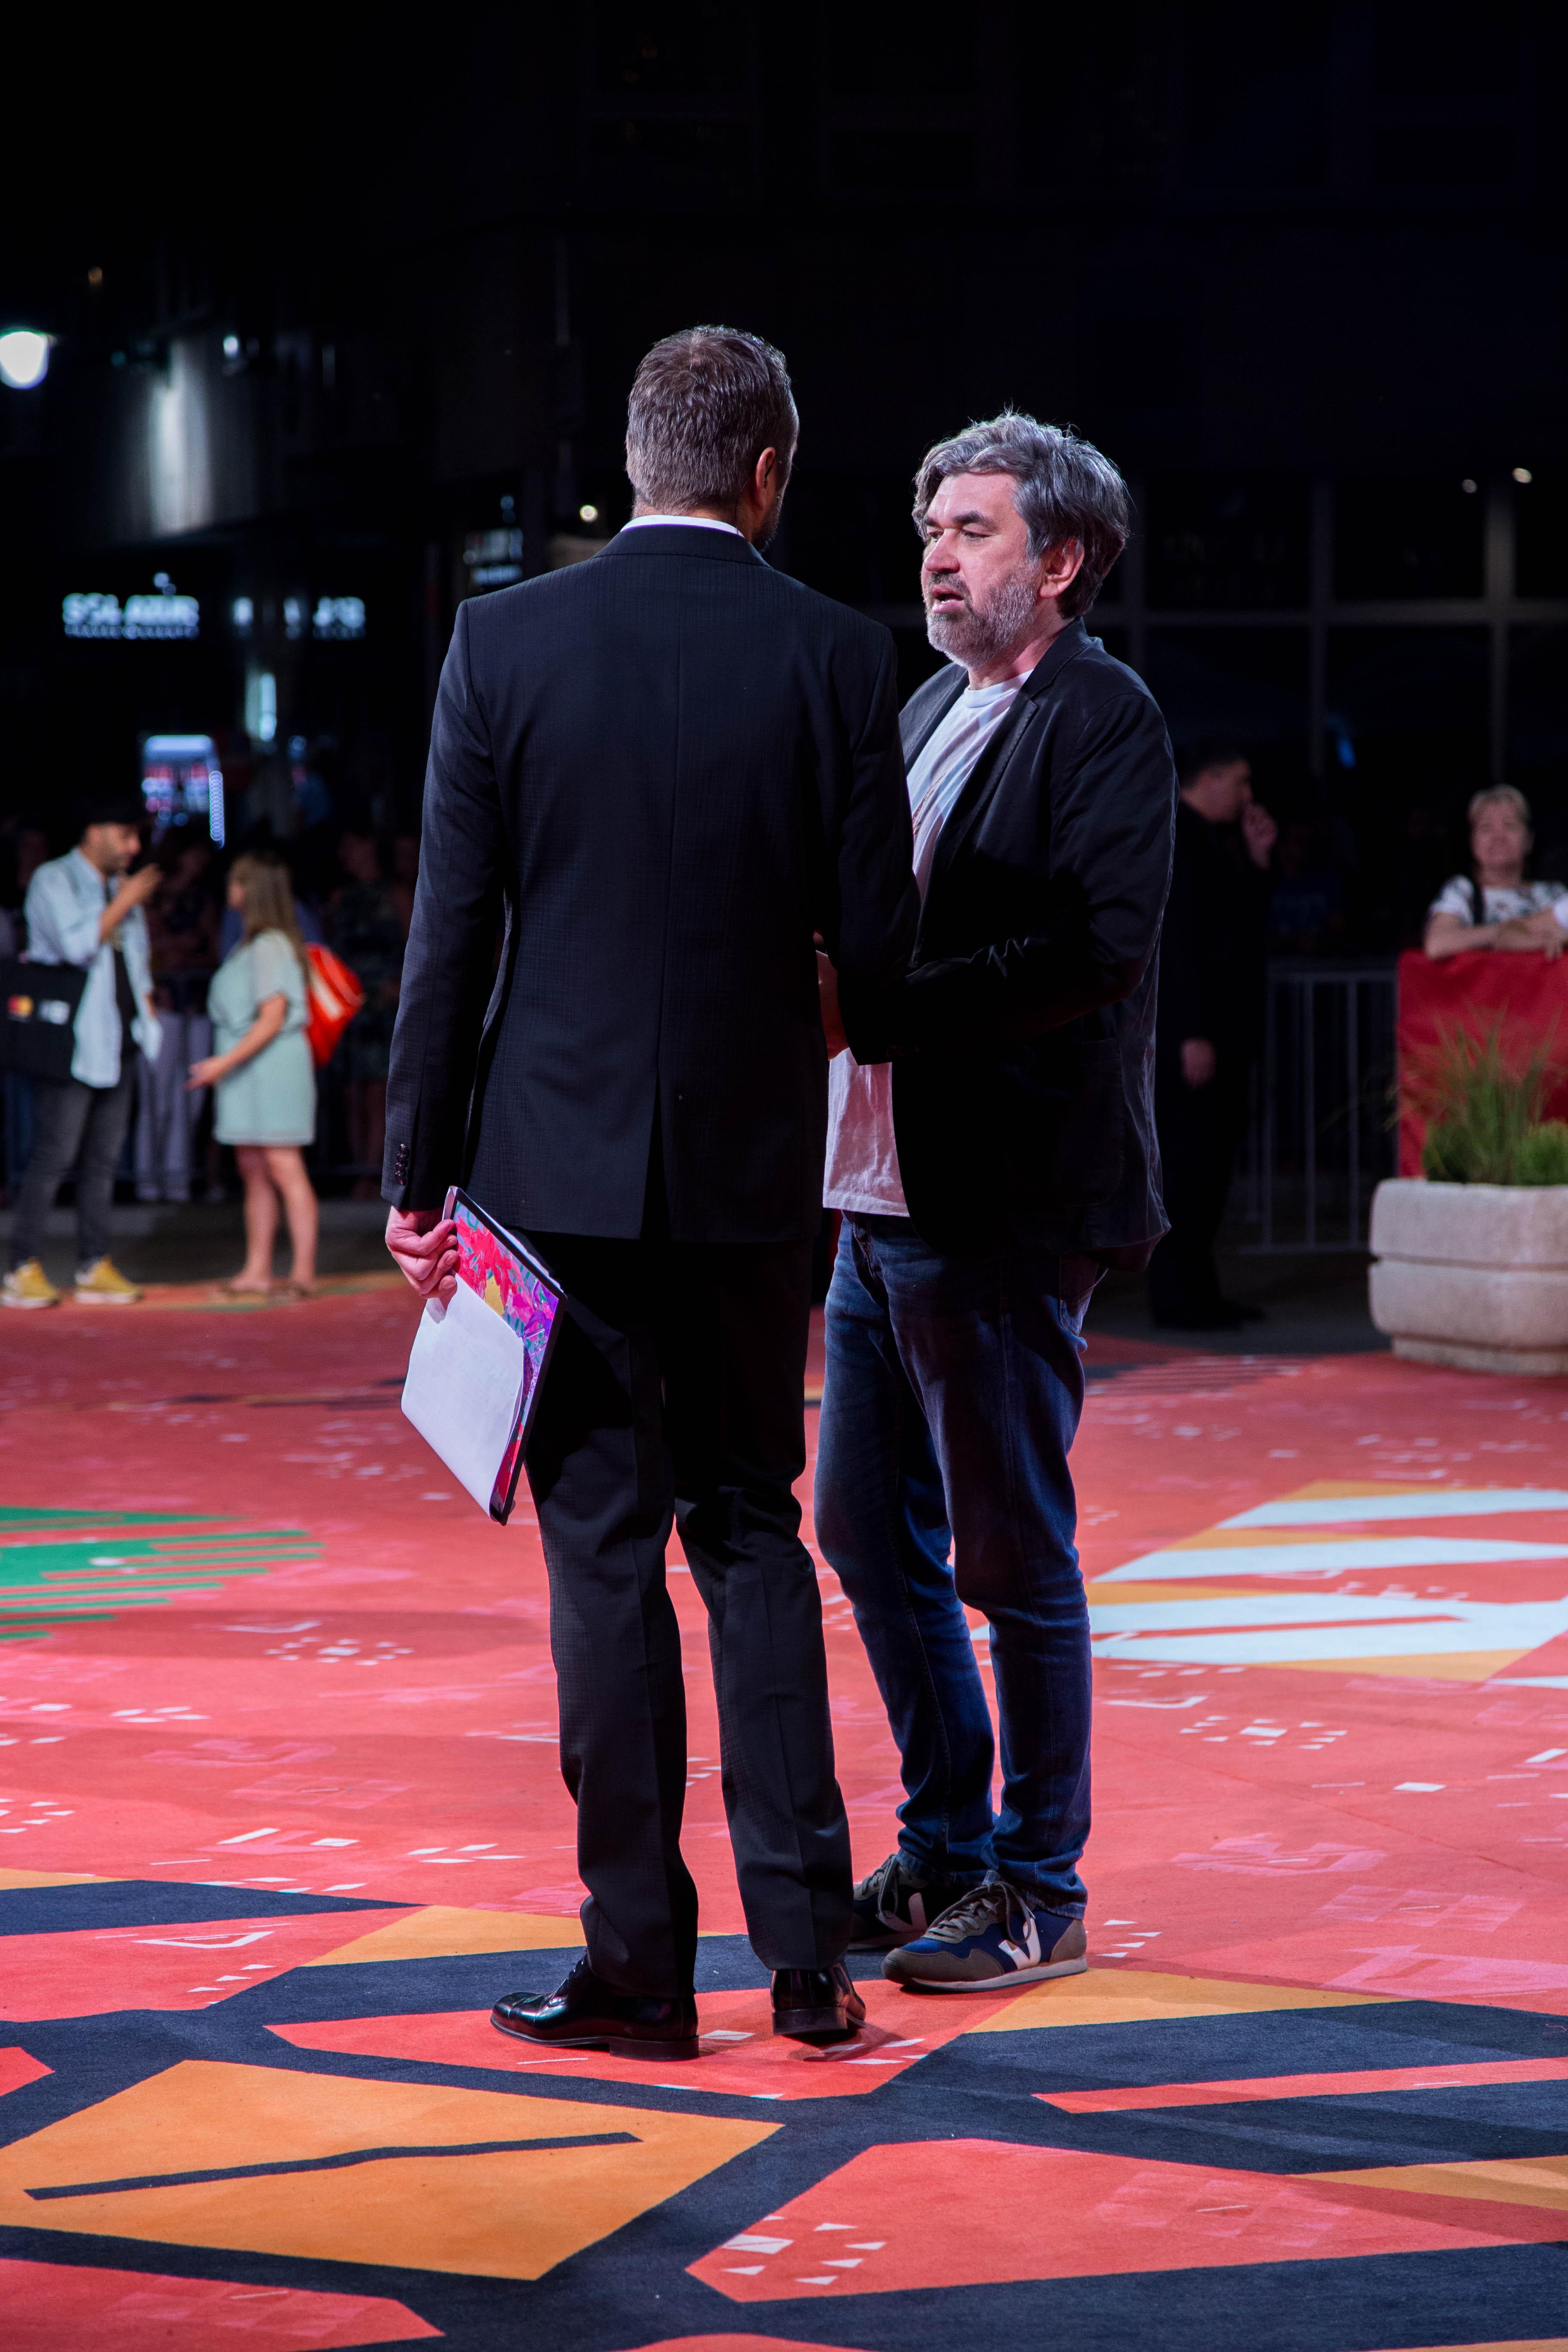 cetvrta noc sarajevo film festival senka catic (49)